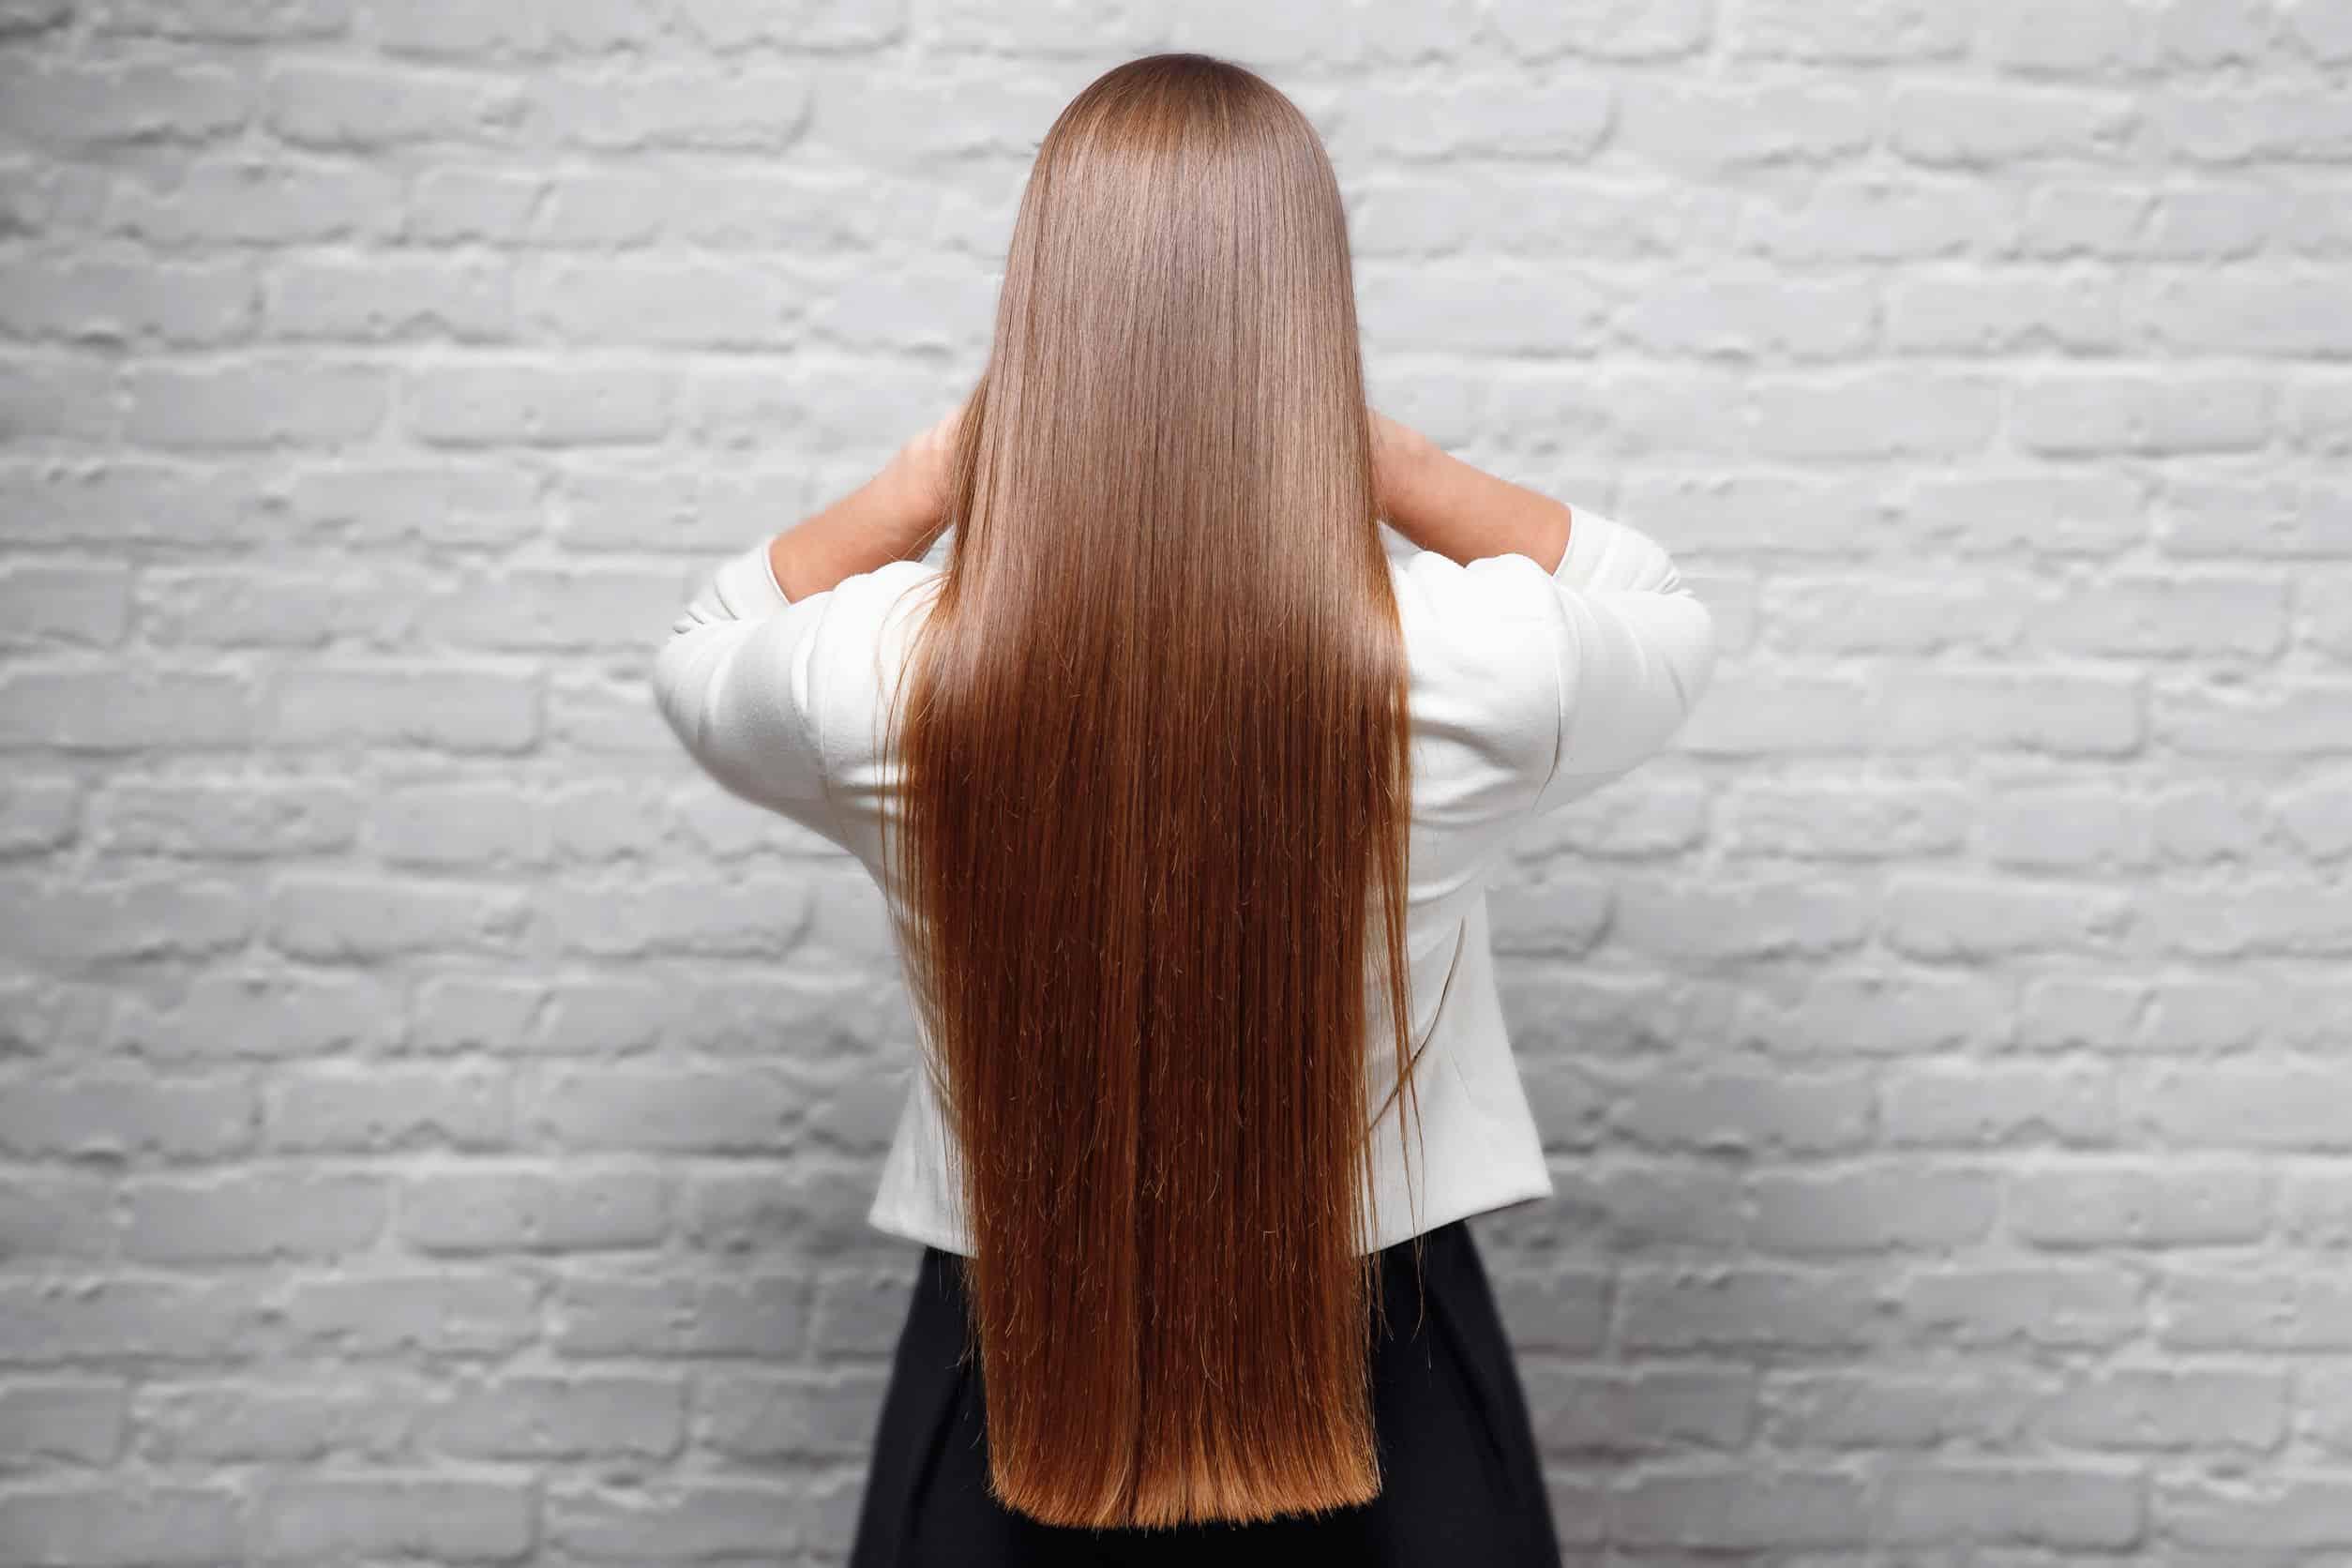 Mujer extensiones de cabello natural 100%, en salon de belleza flor estilista slp